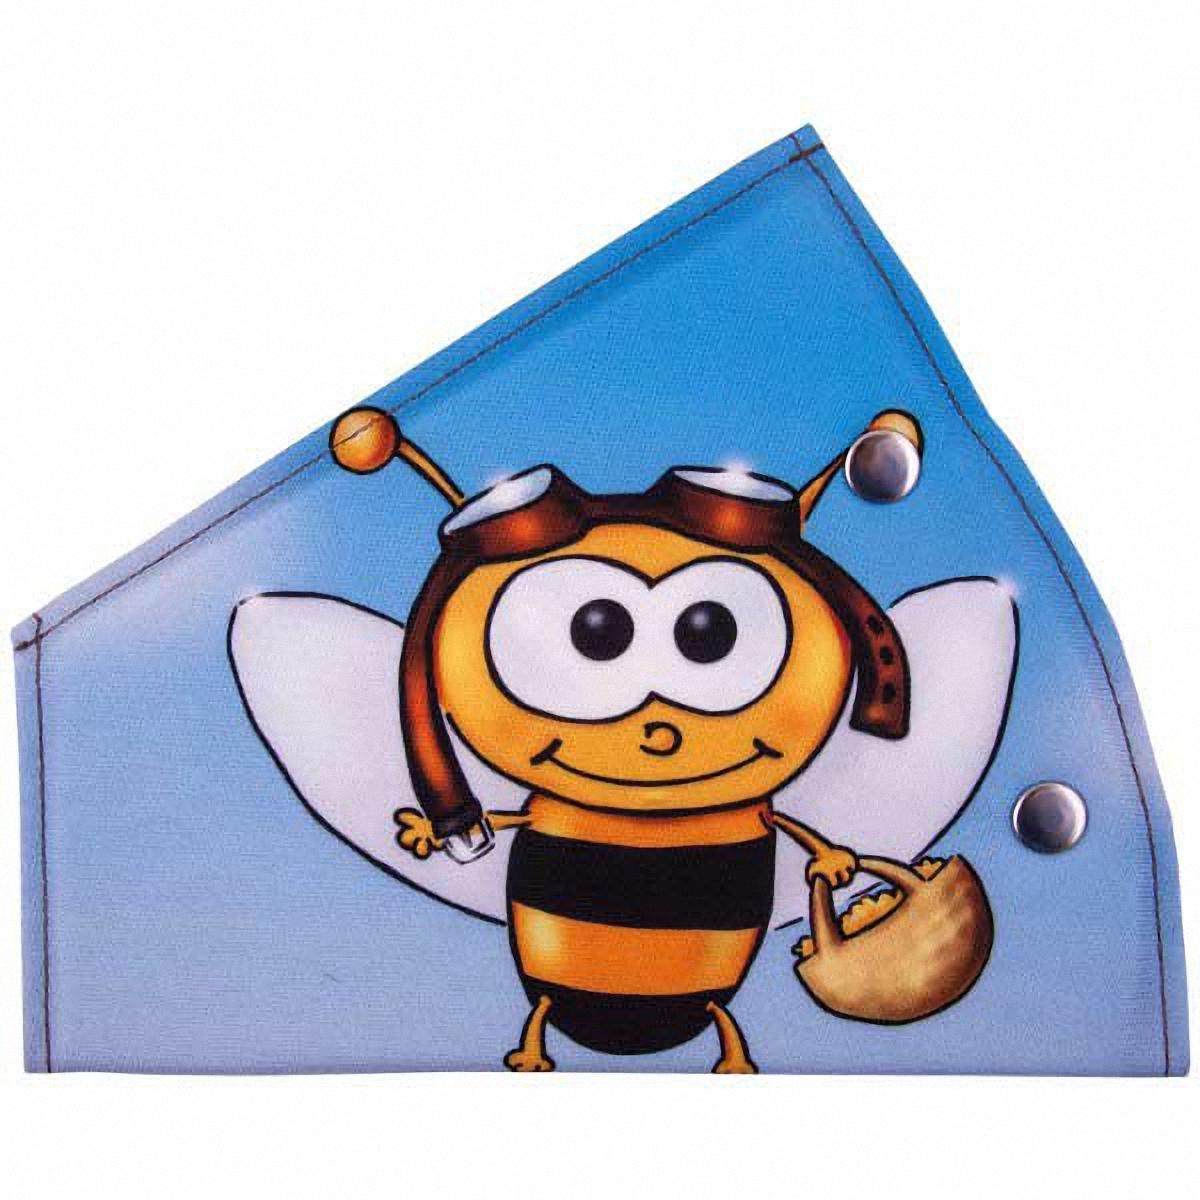 Адаптер ремня безопасности Skyway ПчелаS04007015Детский адаптер ремня безопасности, выполненный из полиэстера, удерживает ремень безопасности в положении, удобном для человека небольшого роста. Удерживающее устройство можно установить на любой трёхточечный ремень безопасности. При перевозке ребёнка до 12 лет адаптер ремня безопасности разрешено устанавливать только на ремни заднего сиденья. Тип крепления: кнопки.